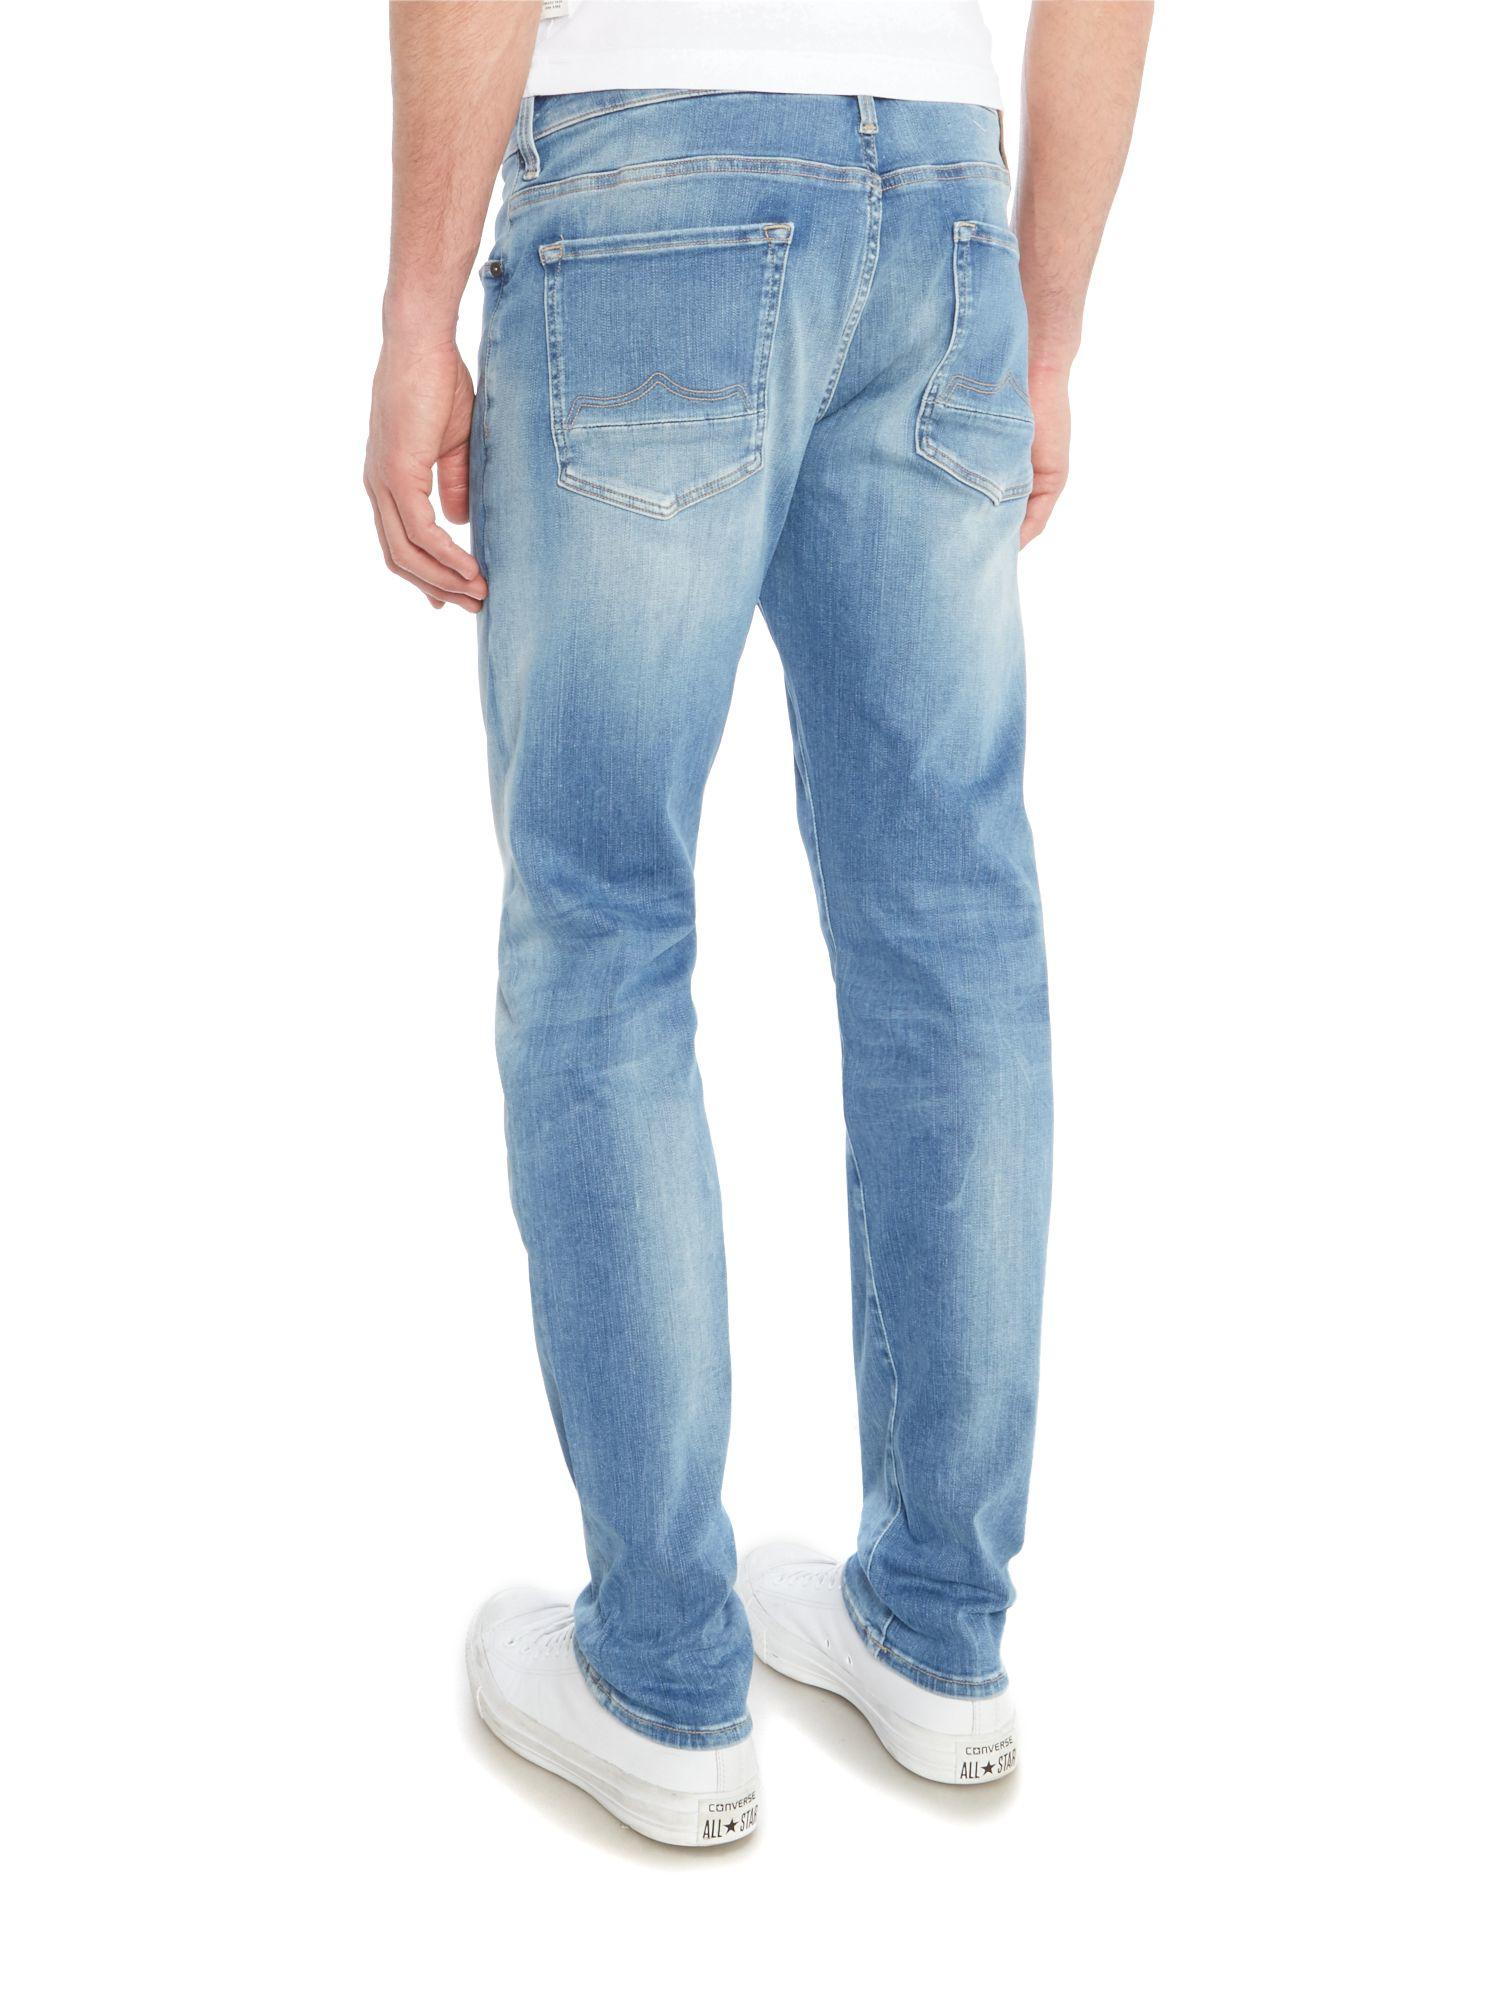 883 Police Denim Laker 346 Slim Activeflex Jeans in Denim Light Wash (Blue) for Men